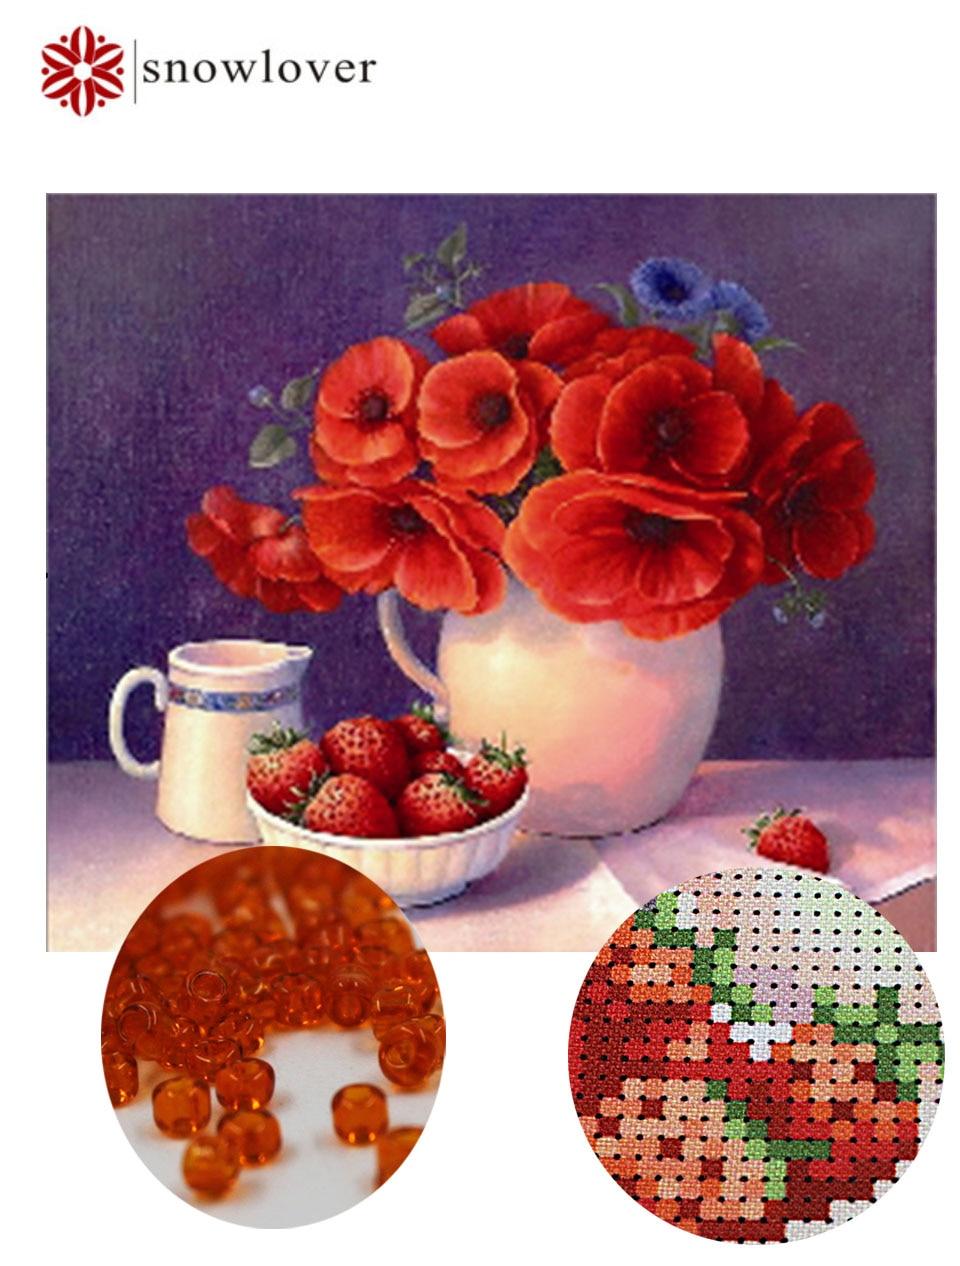 Snowlover, abalorios, costura, bricolaje, punto de cruz, kits de bordado, punto de cruz, estampado floral de precisión, regalos de navidad